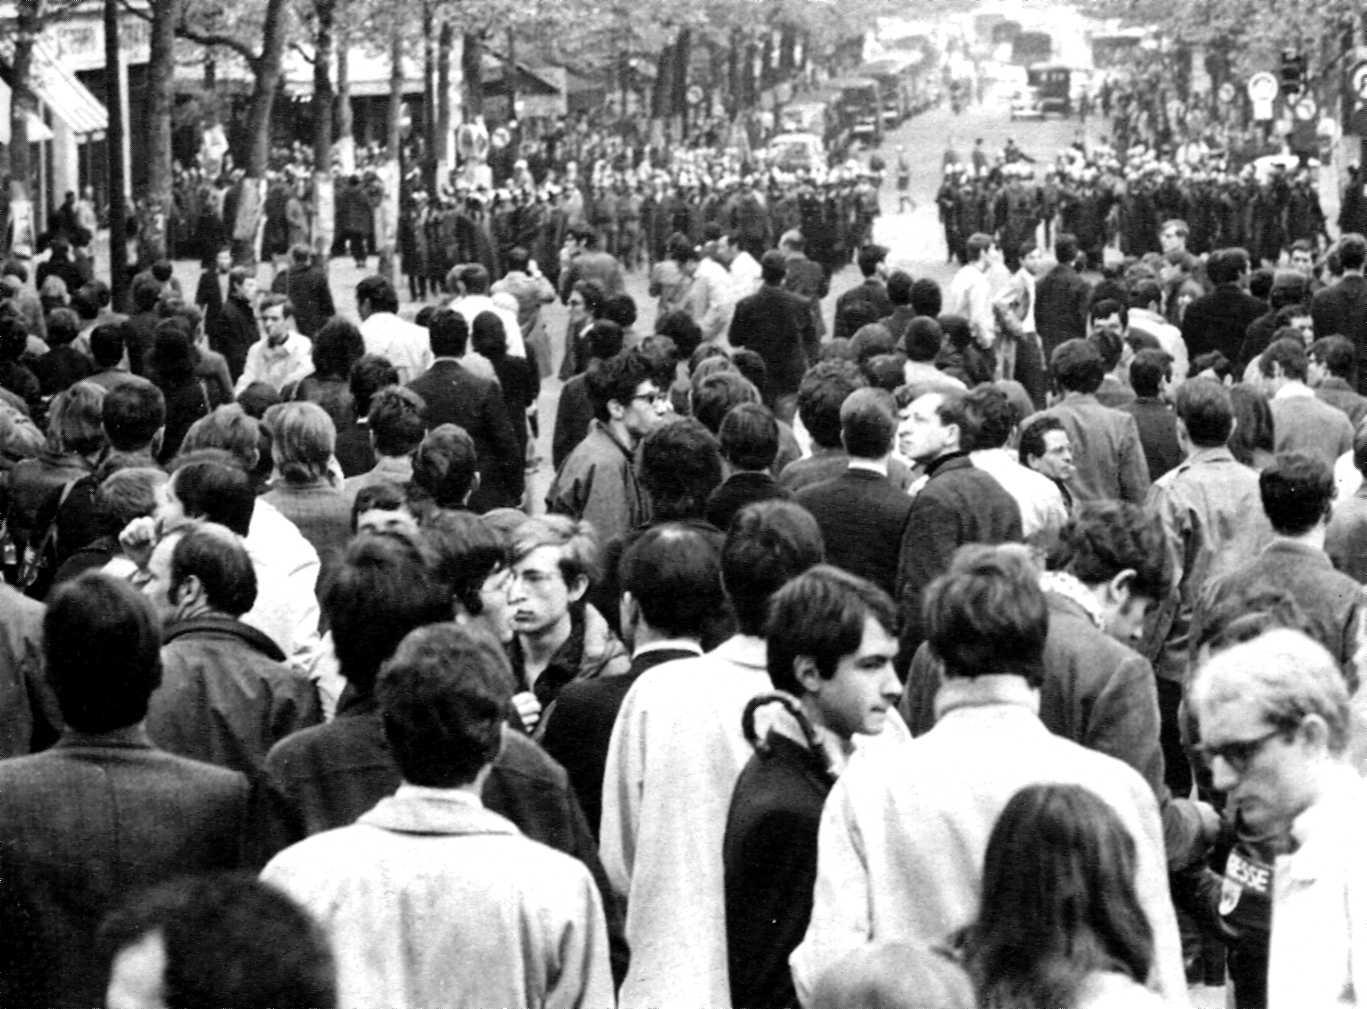 Més de 1.500 estudiants concentrats a la cruïlla de Saint-Michel amb el carrer de les Écoles, a cinquanta metres de la Sorbona (París, 3 de maig de 1968)